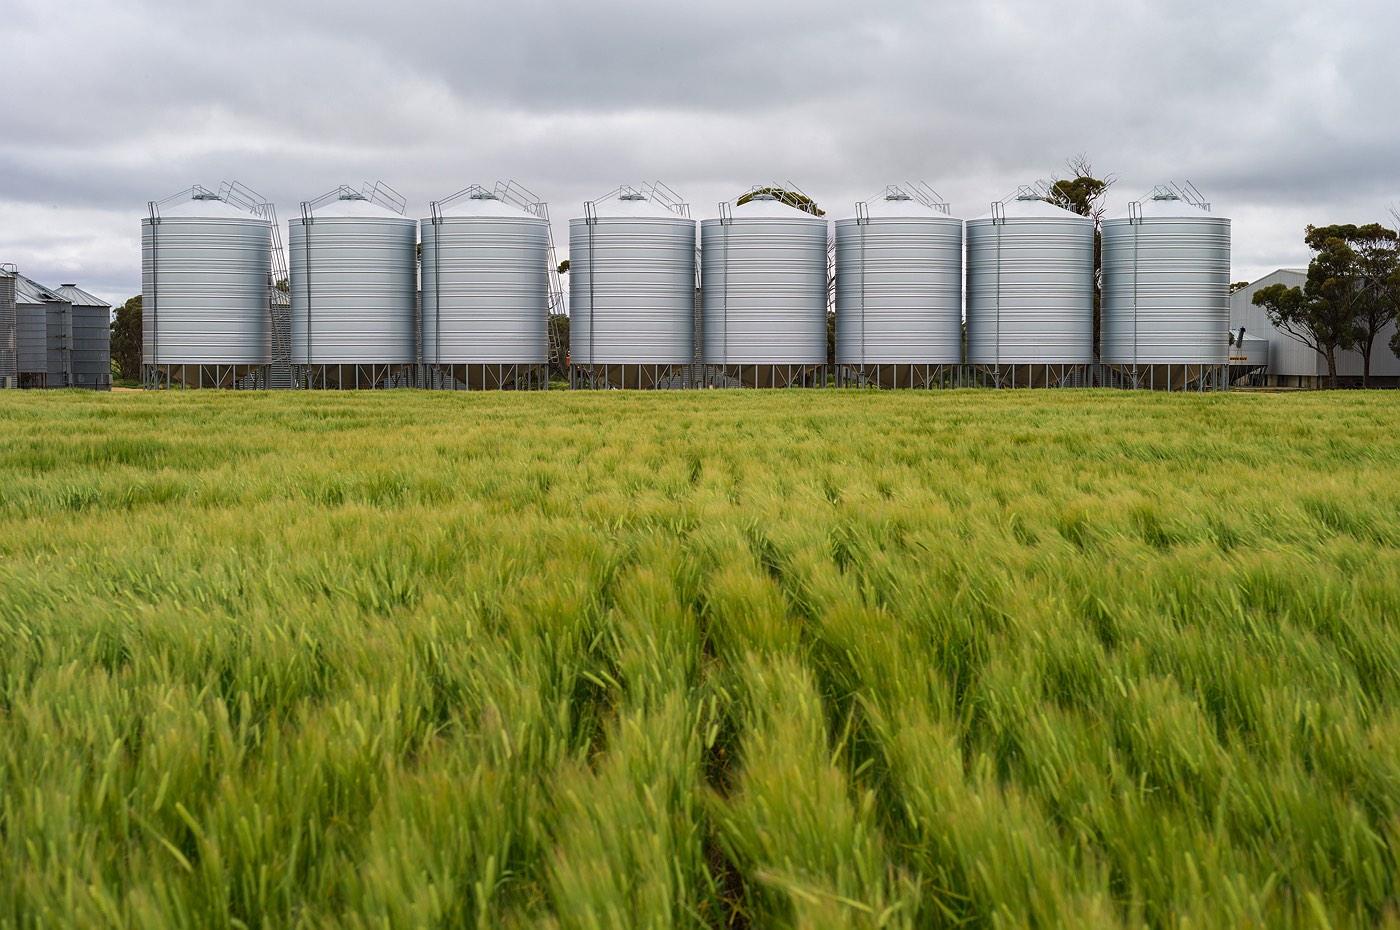 02_wyalkatchem_farming_grain-silos_western_australia_rob-dose